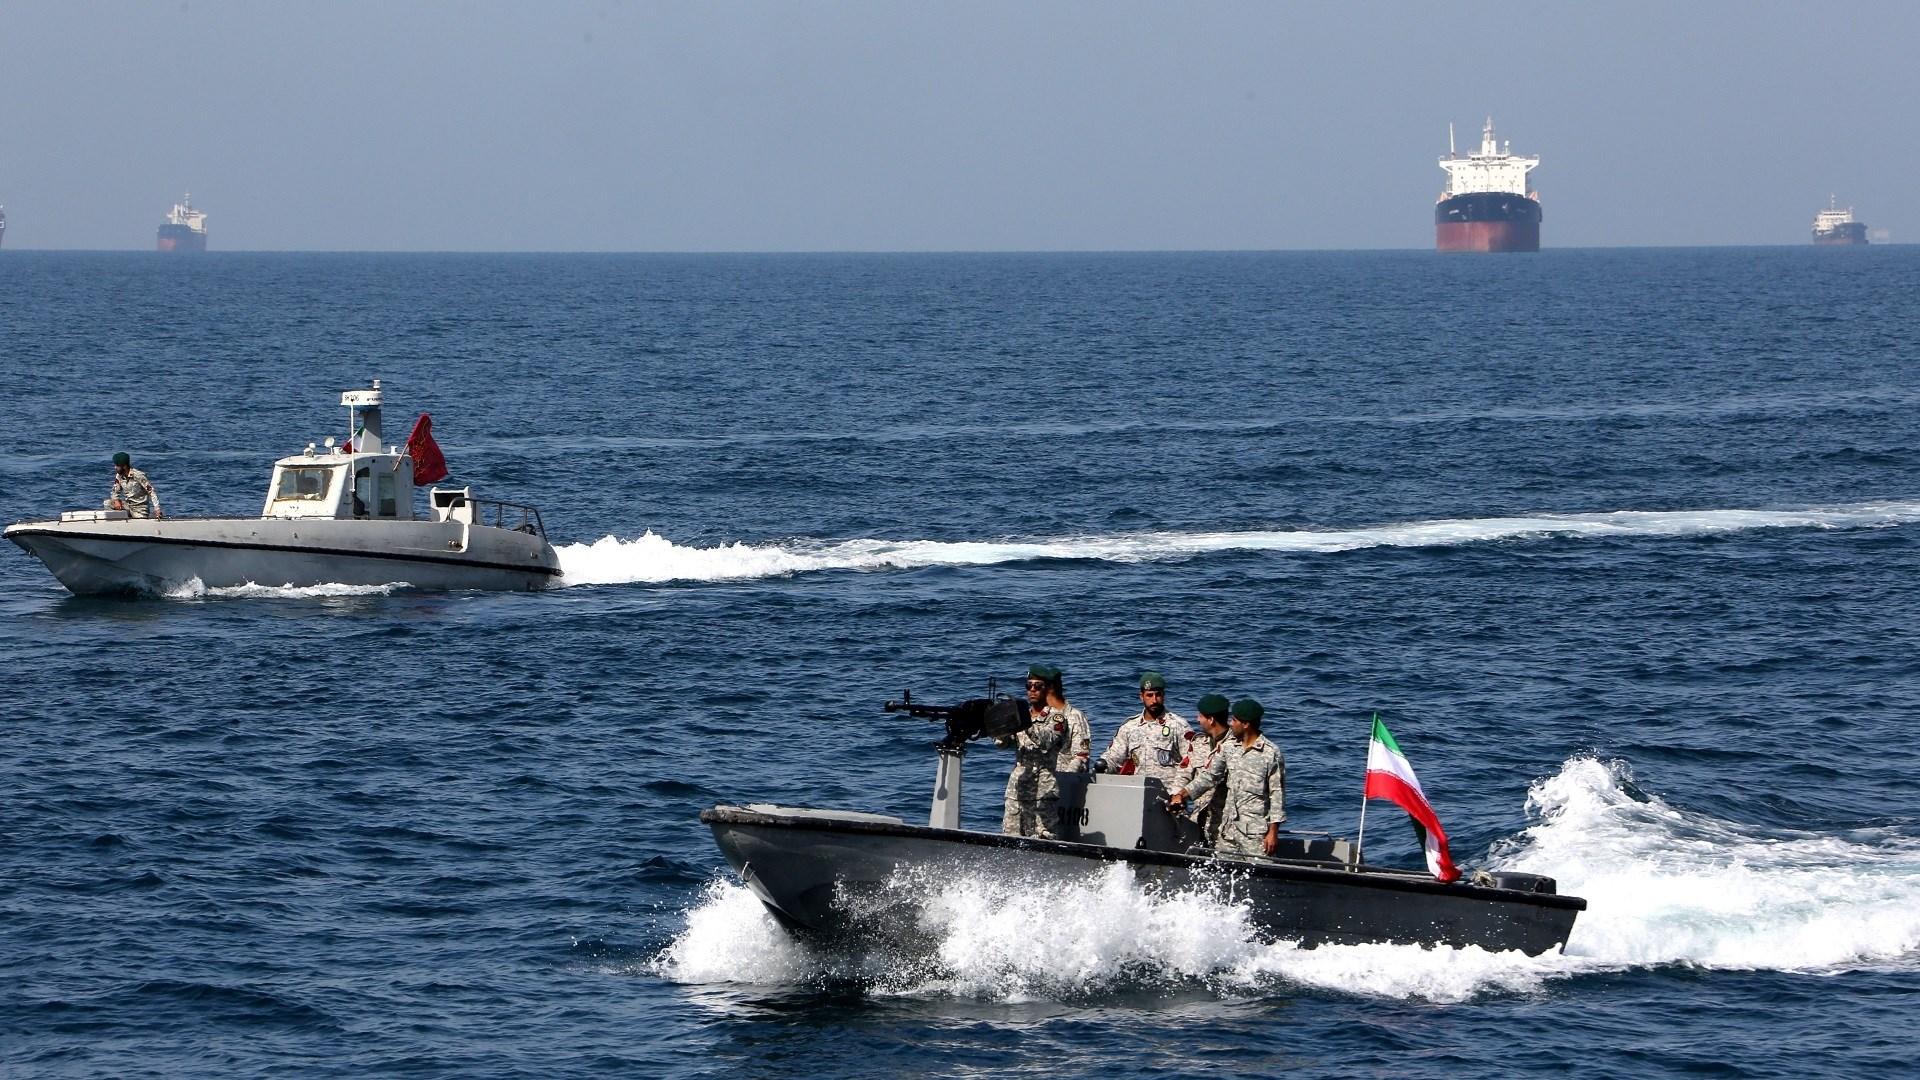 مناورات بحرية بمشاركة روسيا والصين وإيران شمالي المحيط الهندي